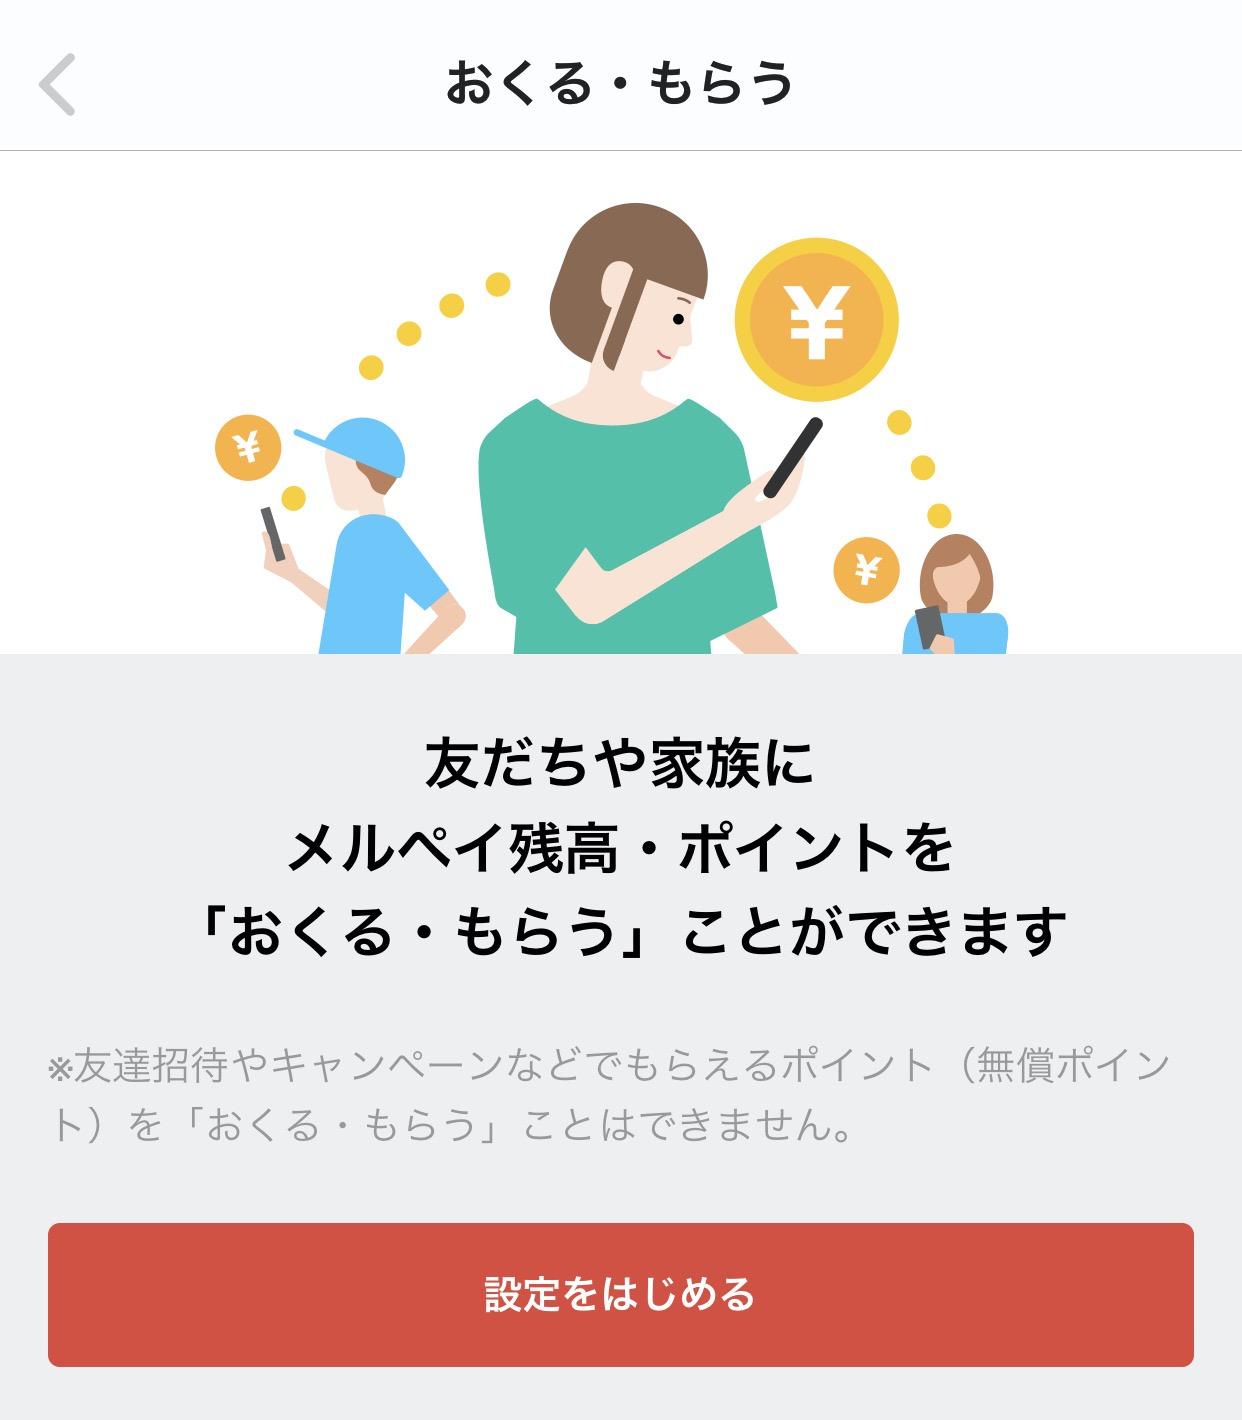 【メルカリ】売上金を送金できる「おくる・もらう」機能を提供開始